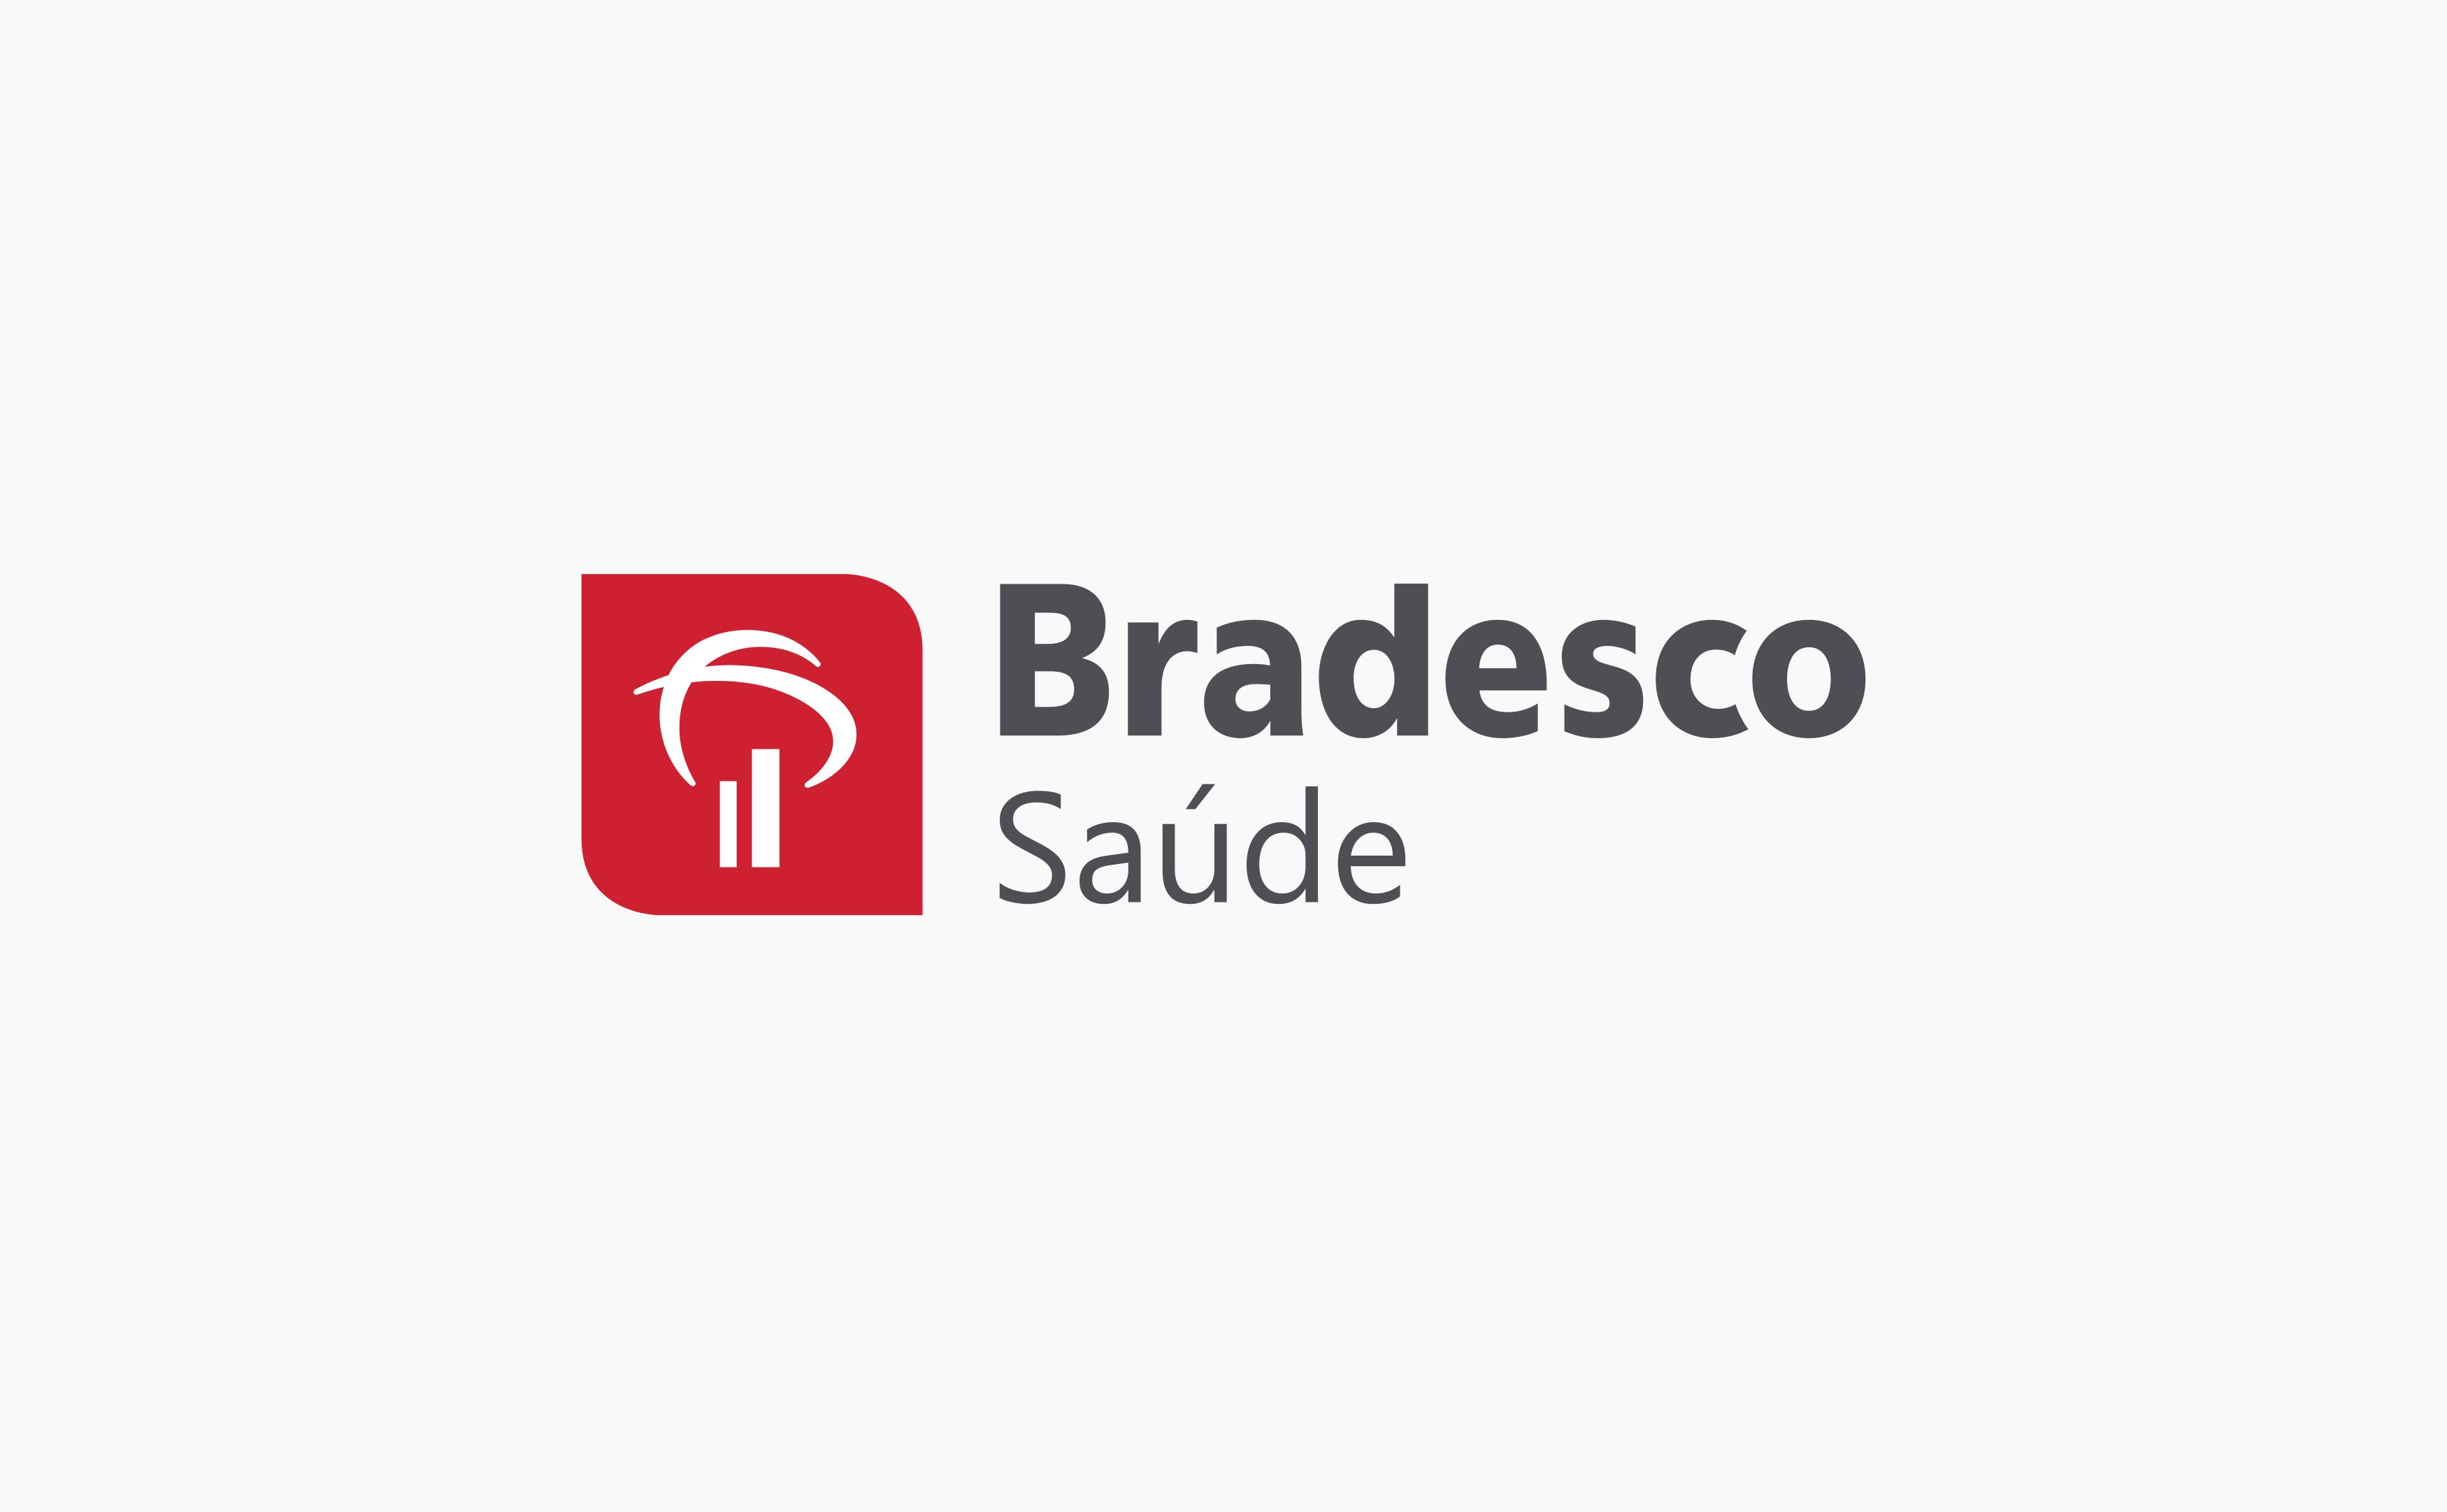 bradesco-saude-logo-0